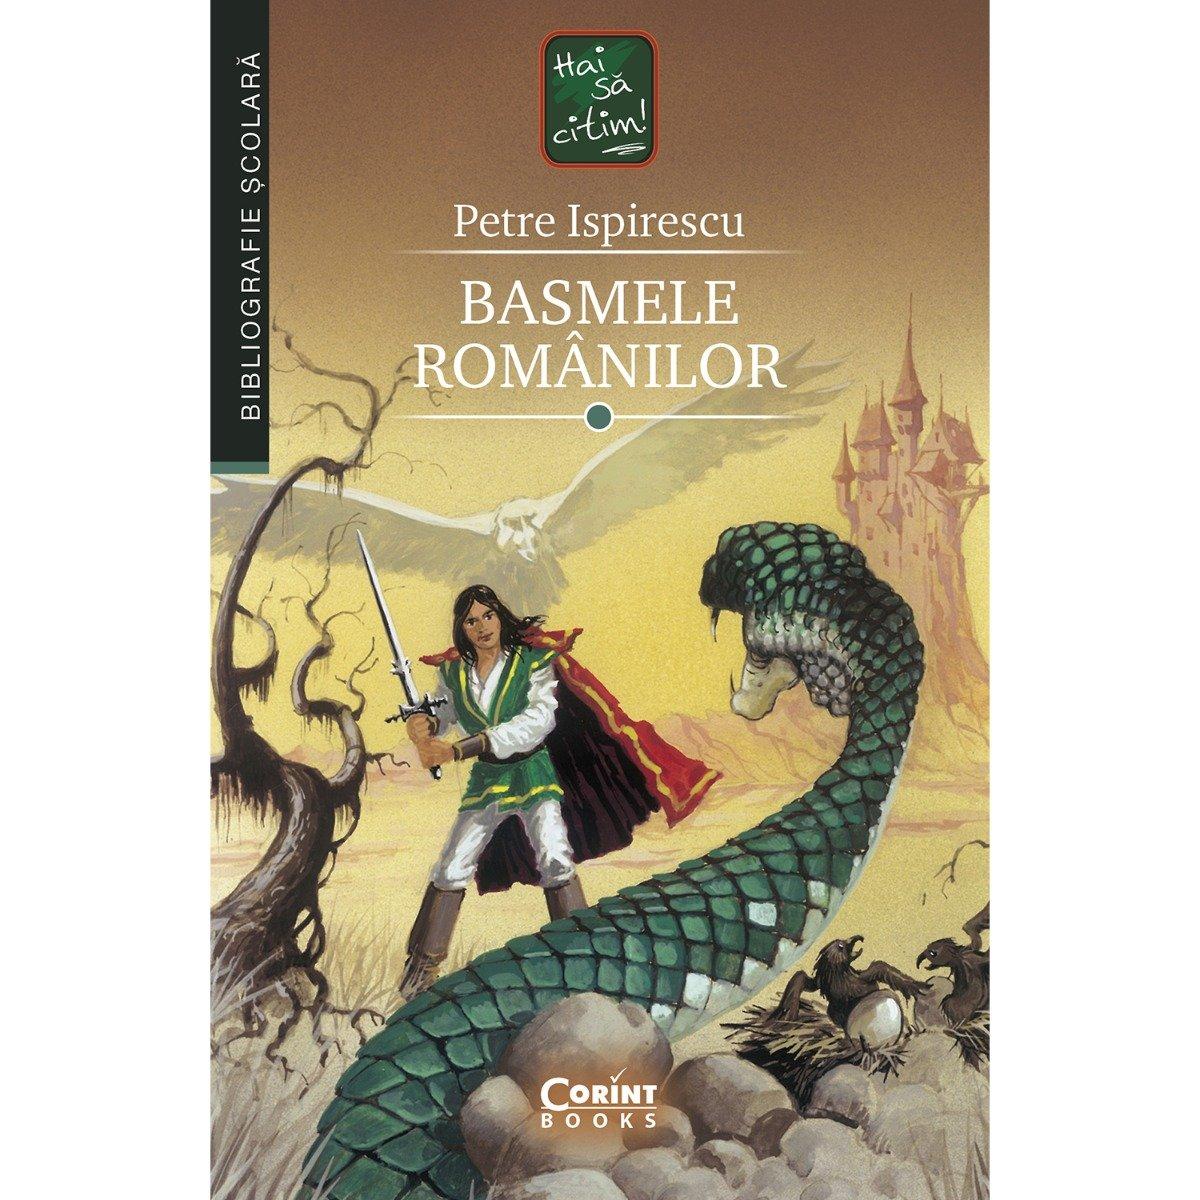 Basmele romanilor, Petre Ispirescu